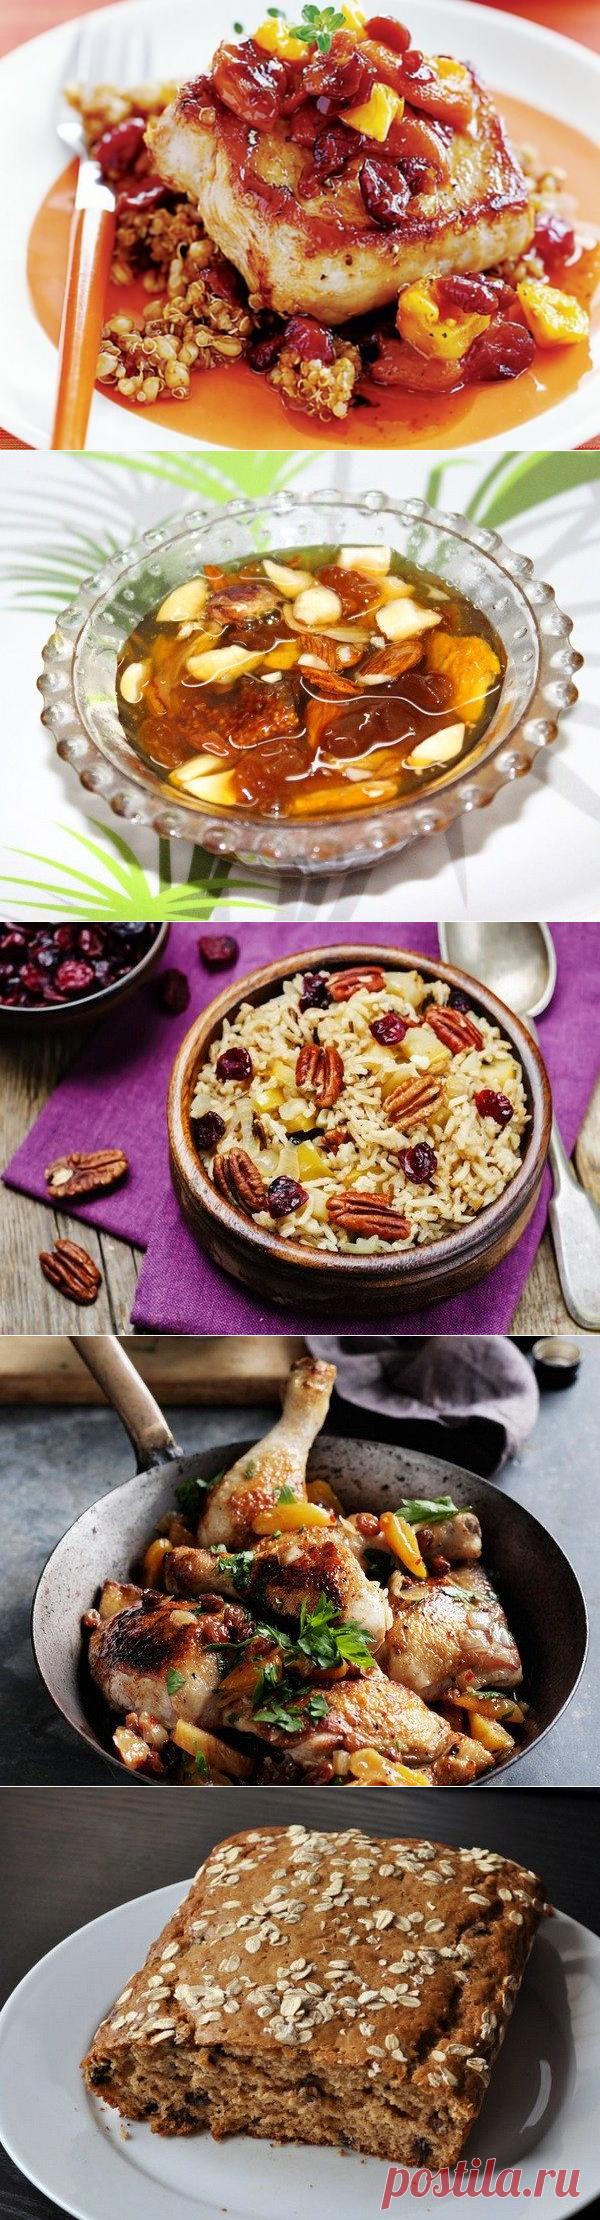 5 блюд из сухофруктов